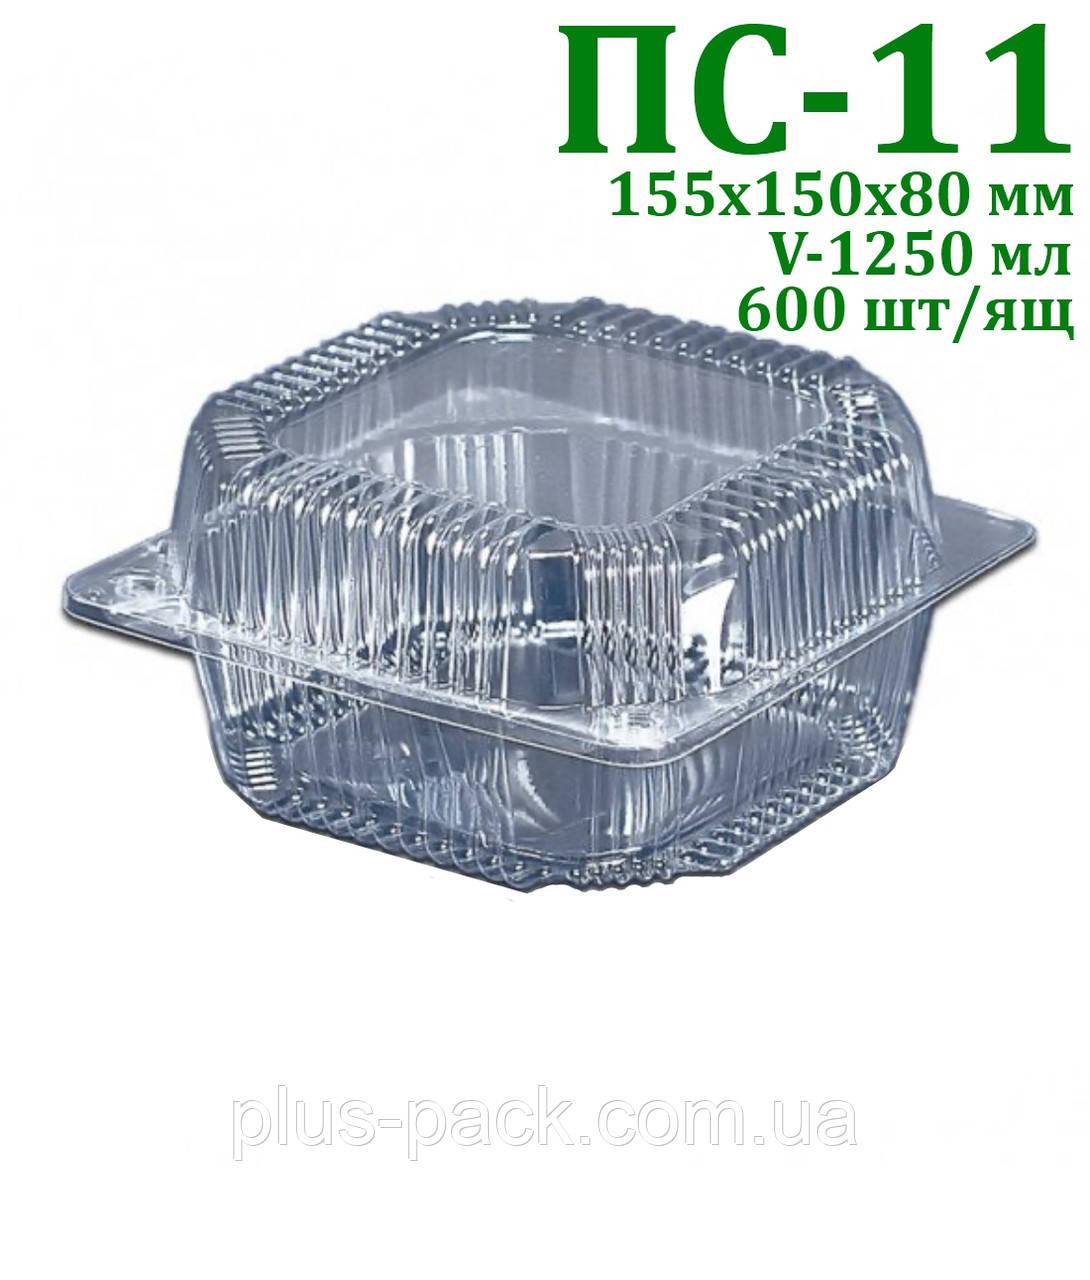 Одноразовий контейнер ПС-11 (1250мл)